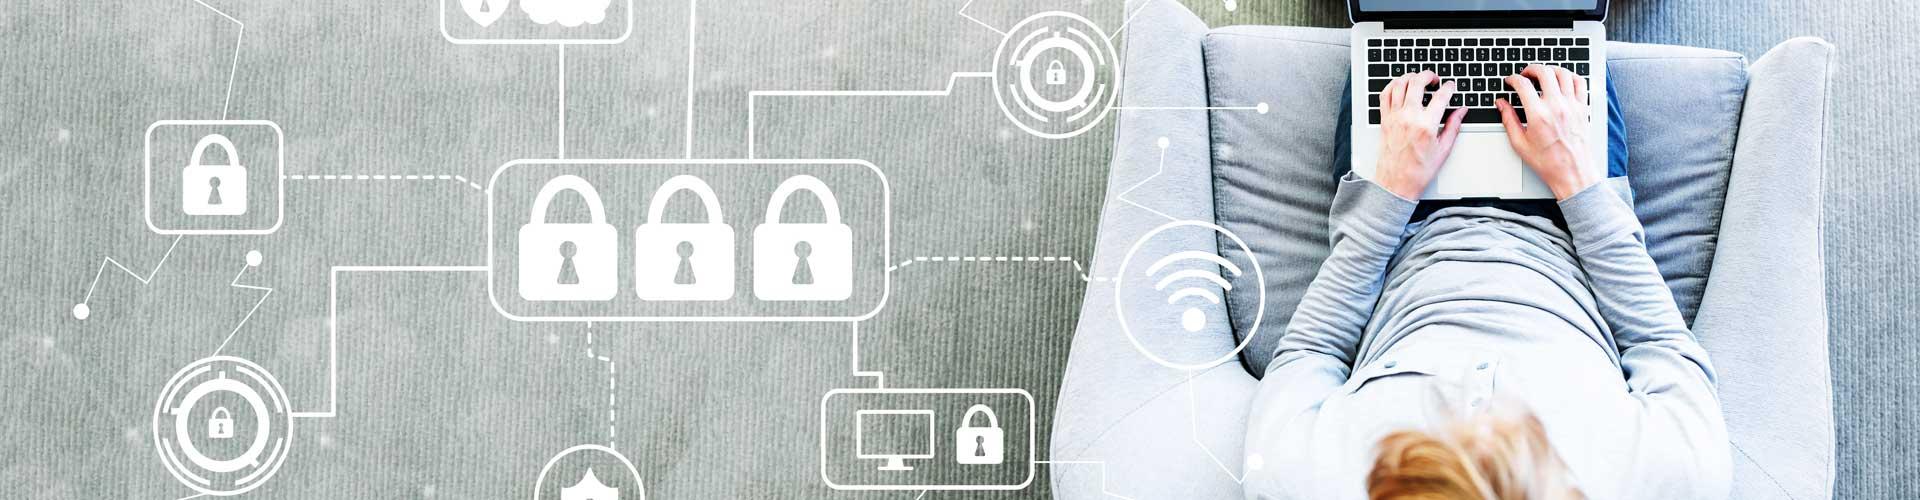 6 astuces pour sécuriser sa navigation sur le Web